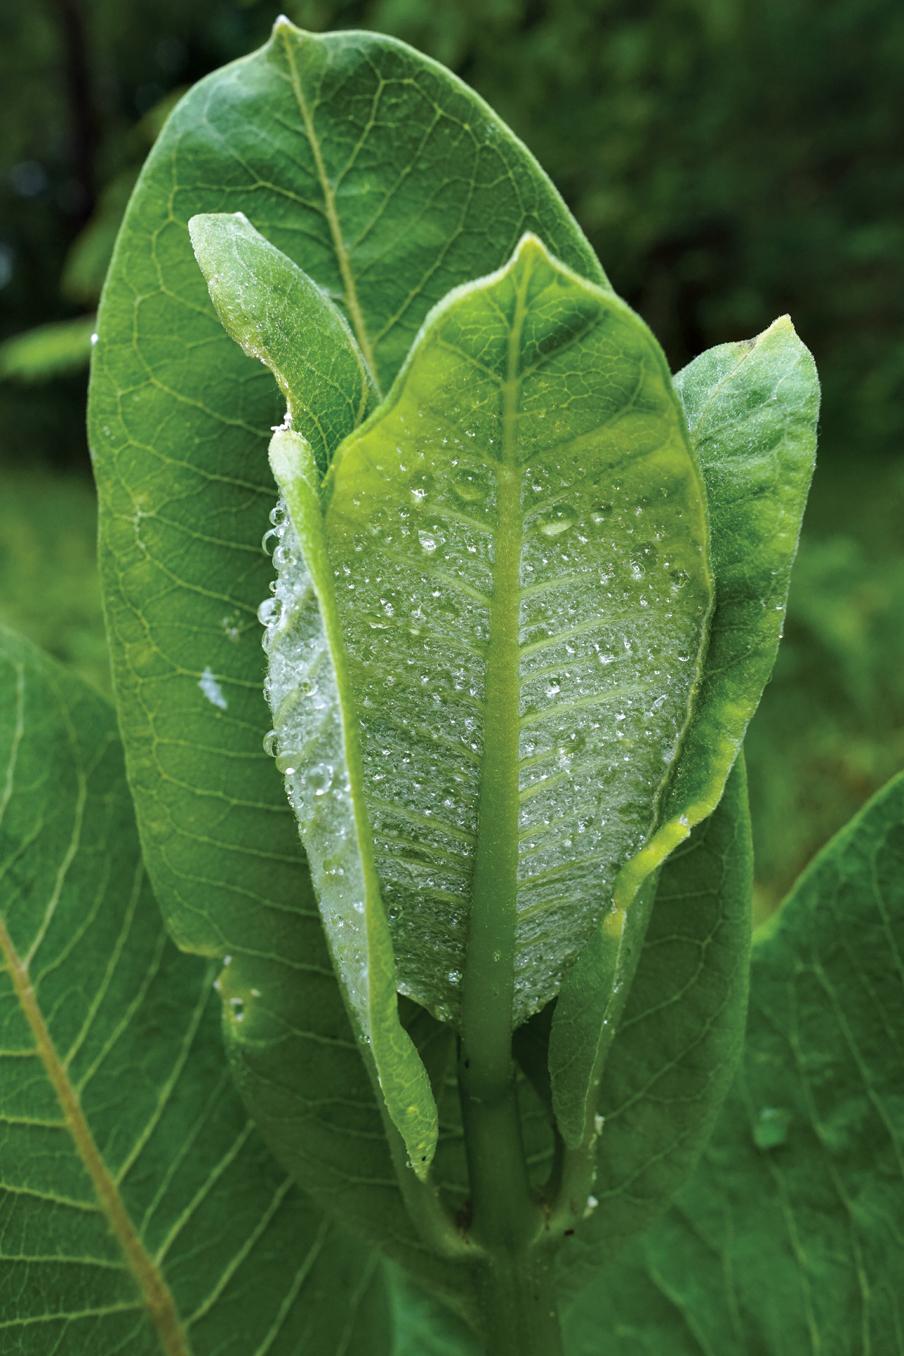 Photo of milkweed leaves